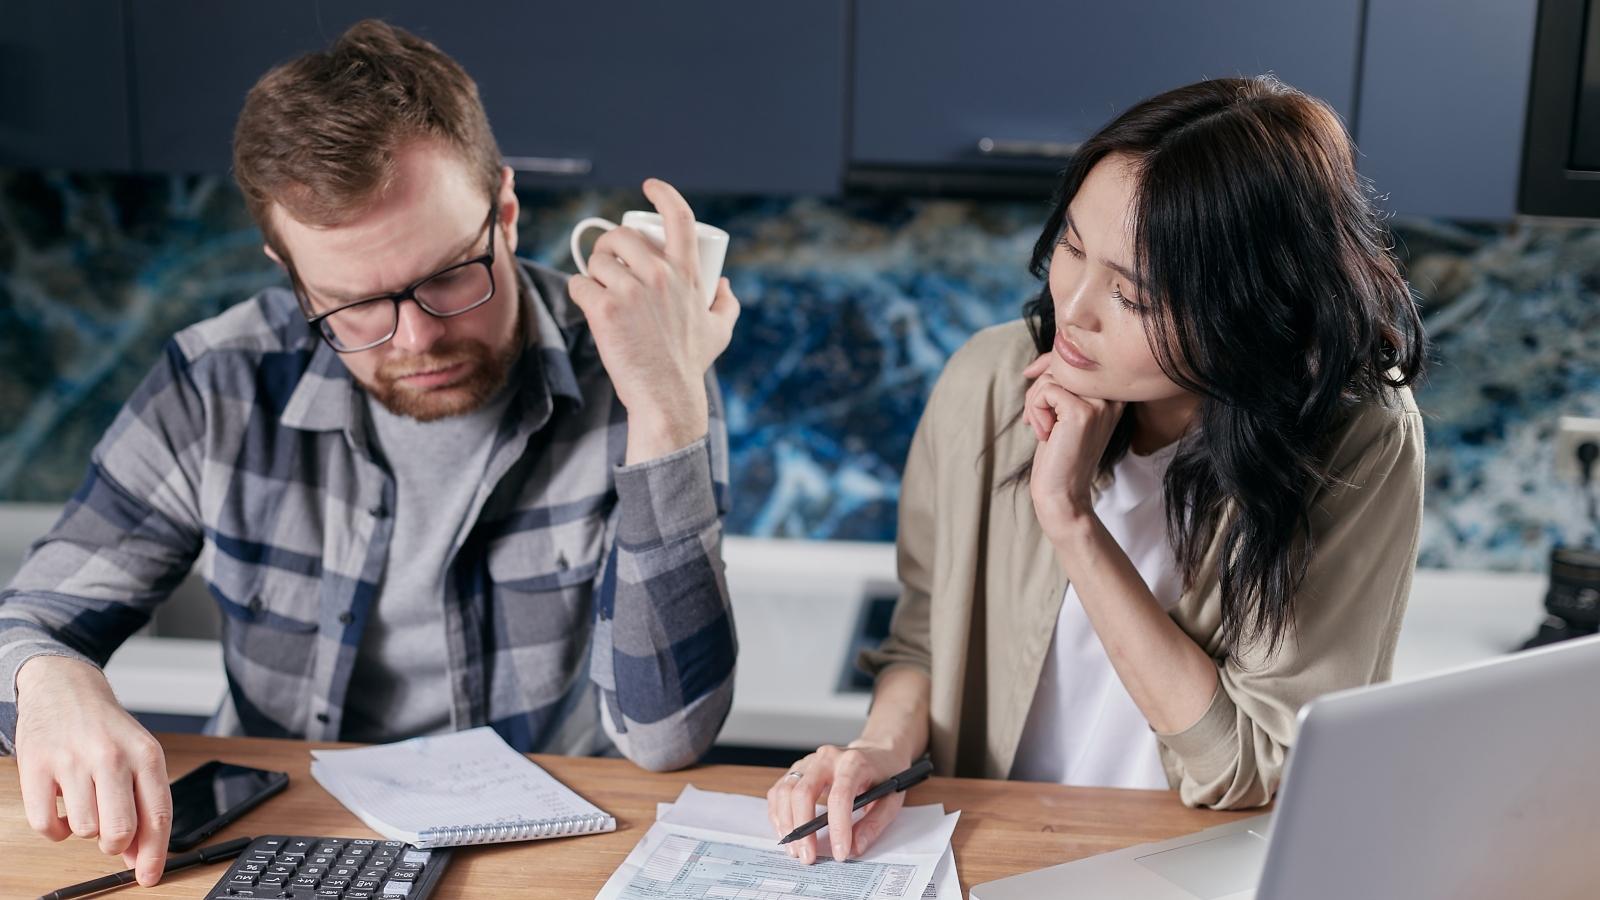 Lời khuyên tài chính hữu ích cho các cặp vợ chồng mới cưới